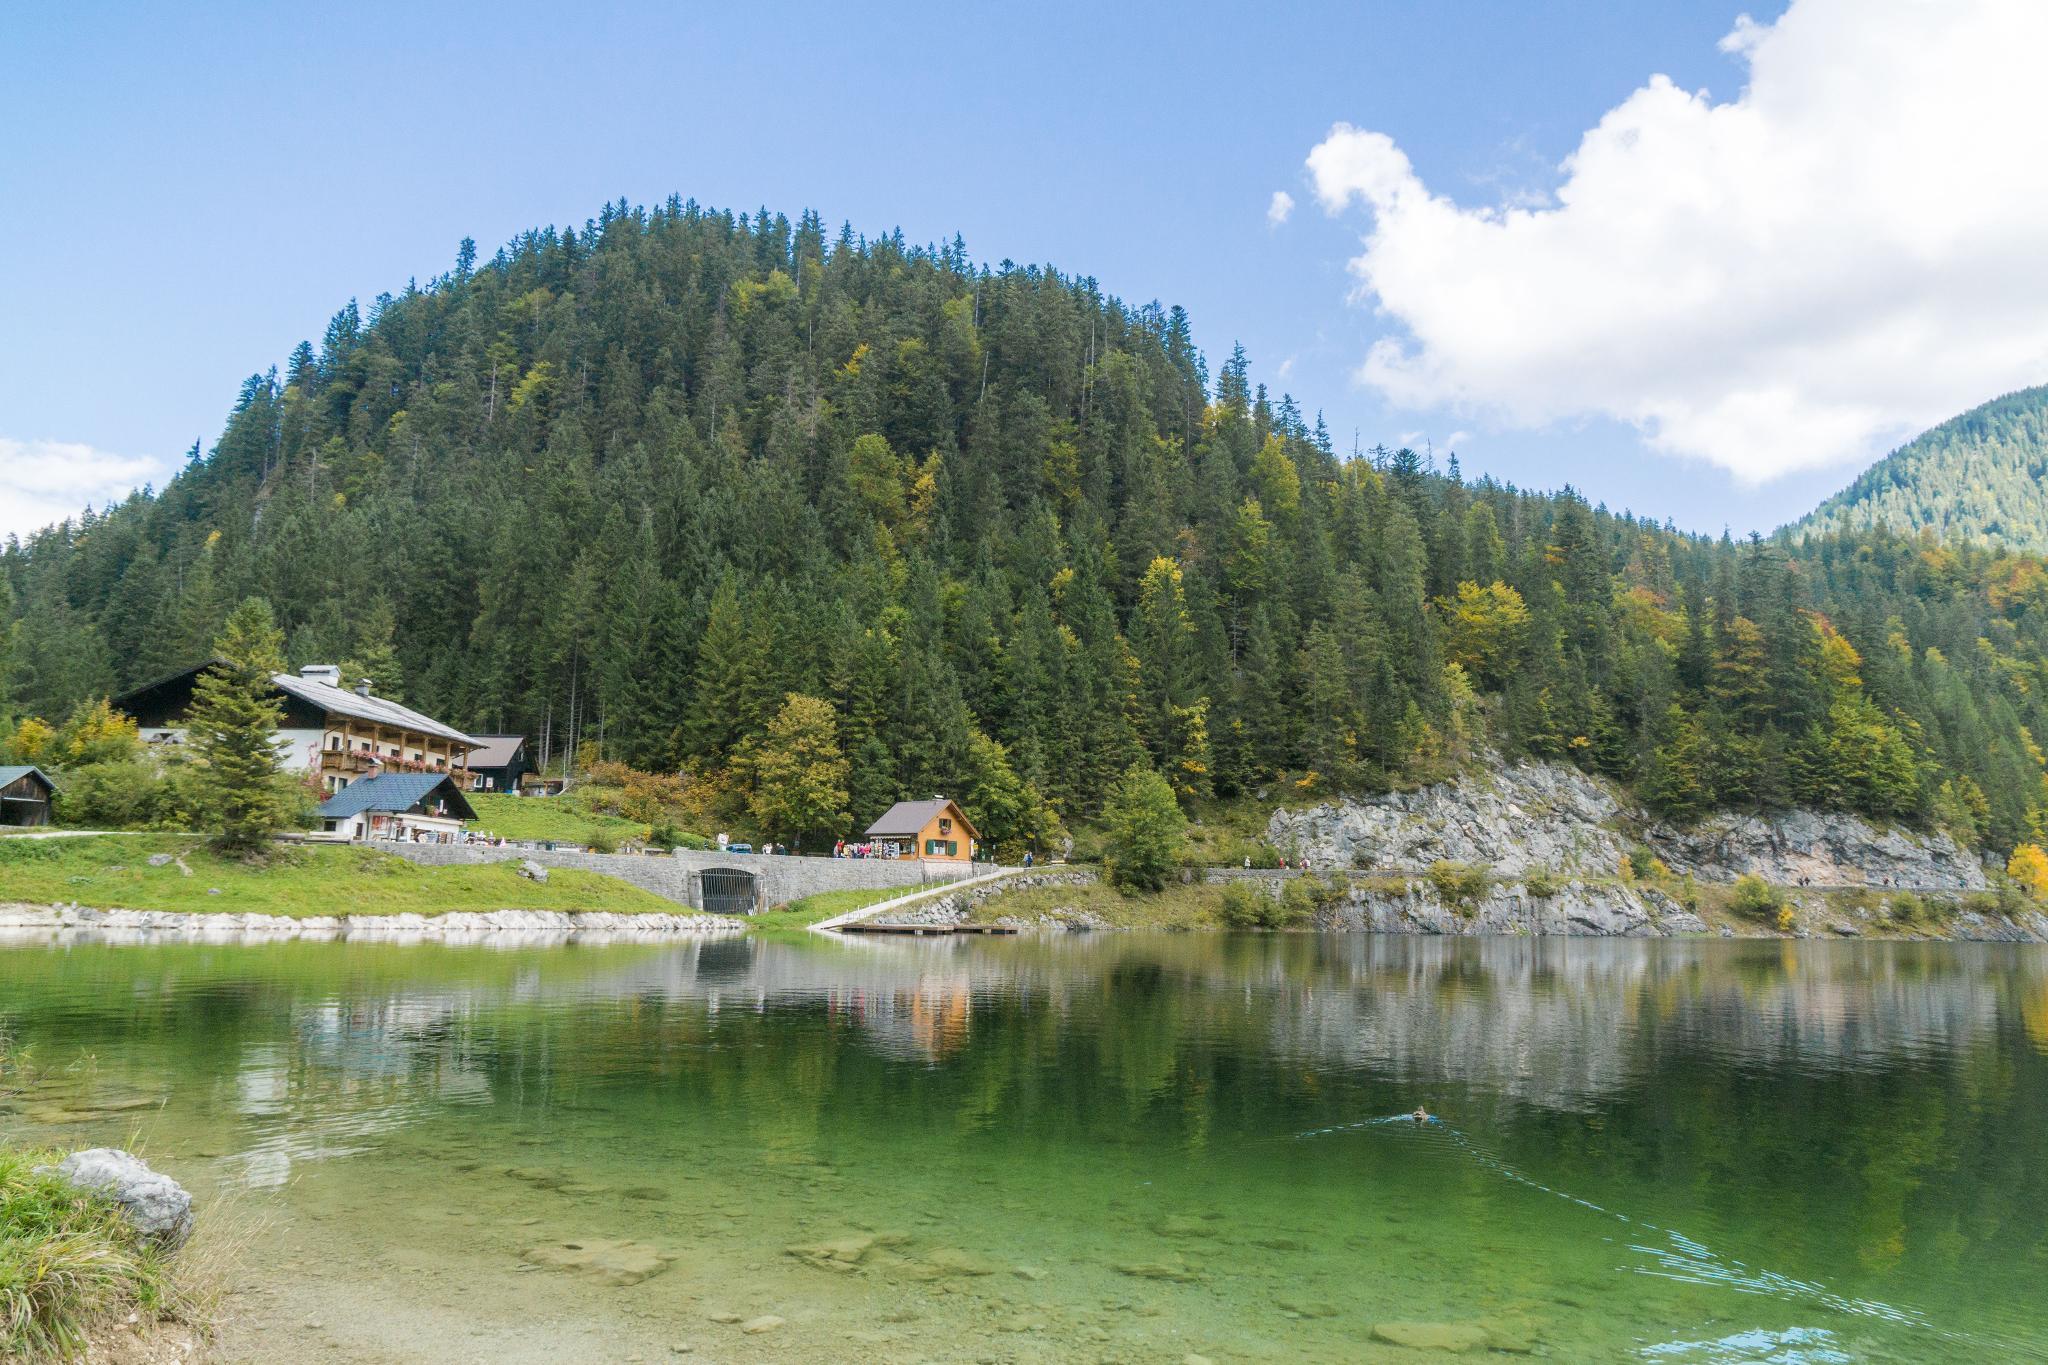 【奧地利】遠離塵囂!哈修塔特周邊的絕美湖泊 — 高薩湖 Gosausee 湖濱散記 14